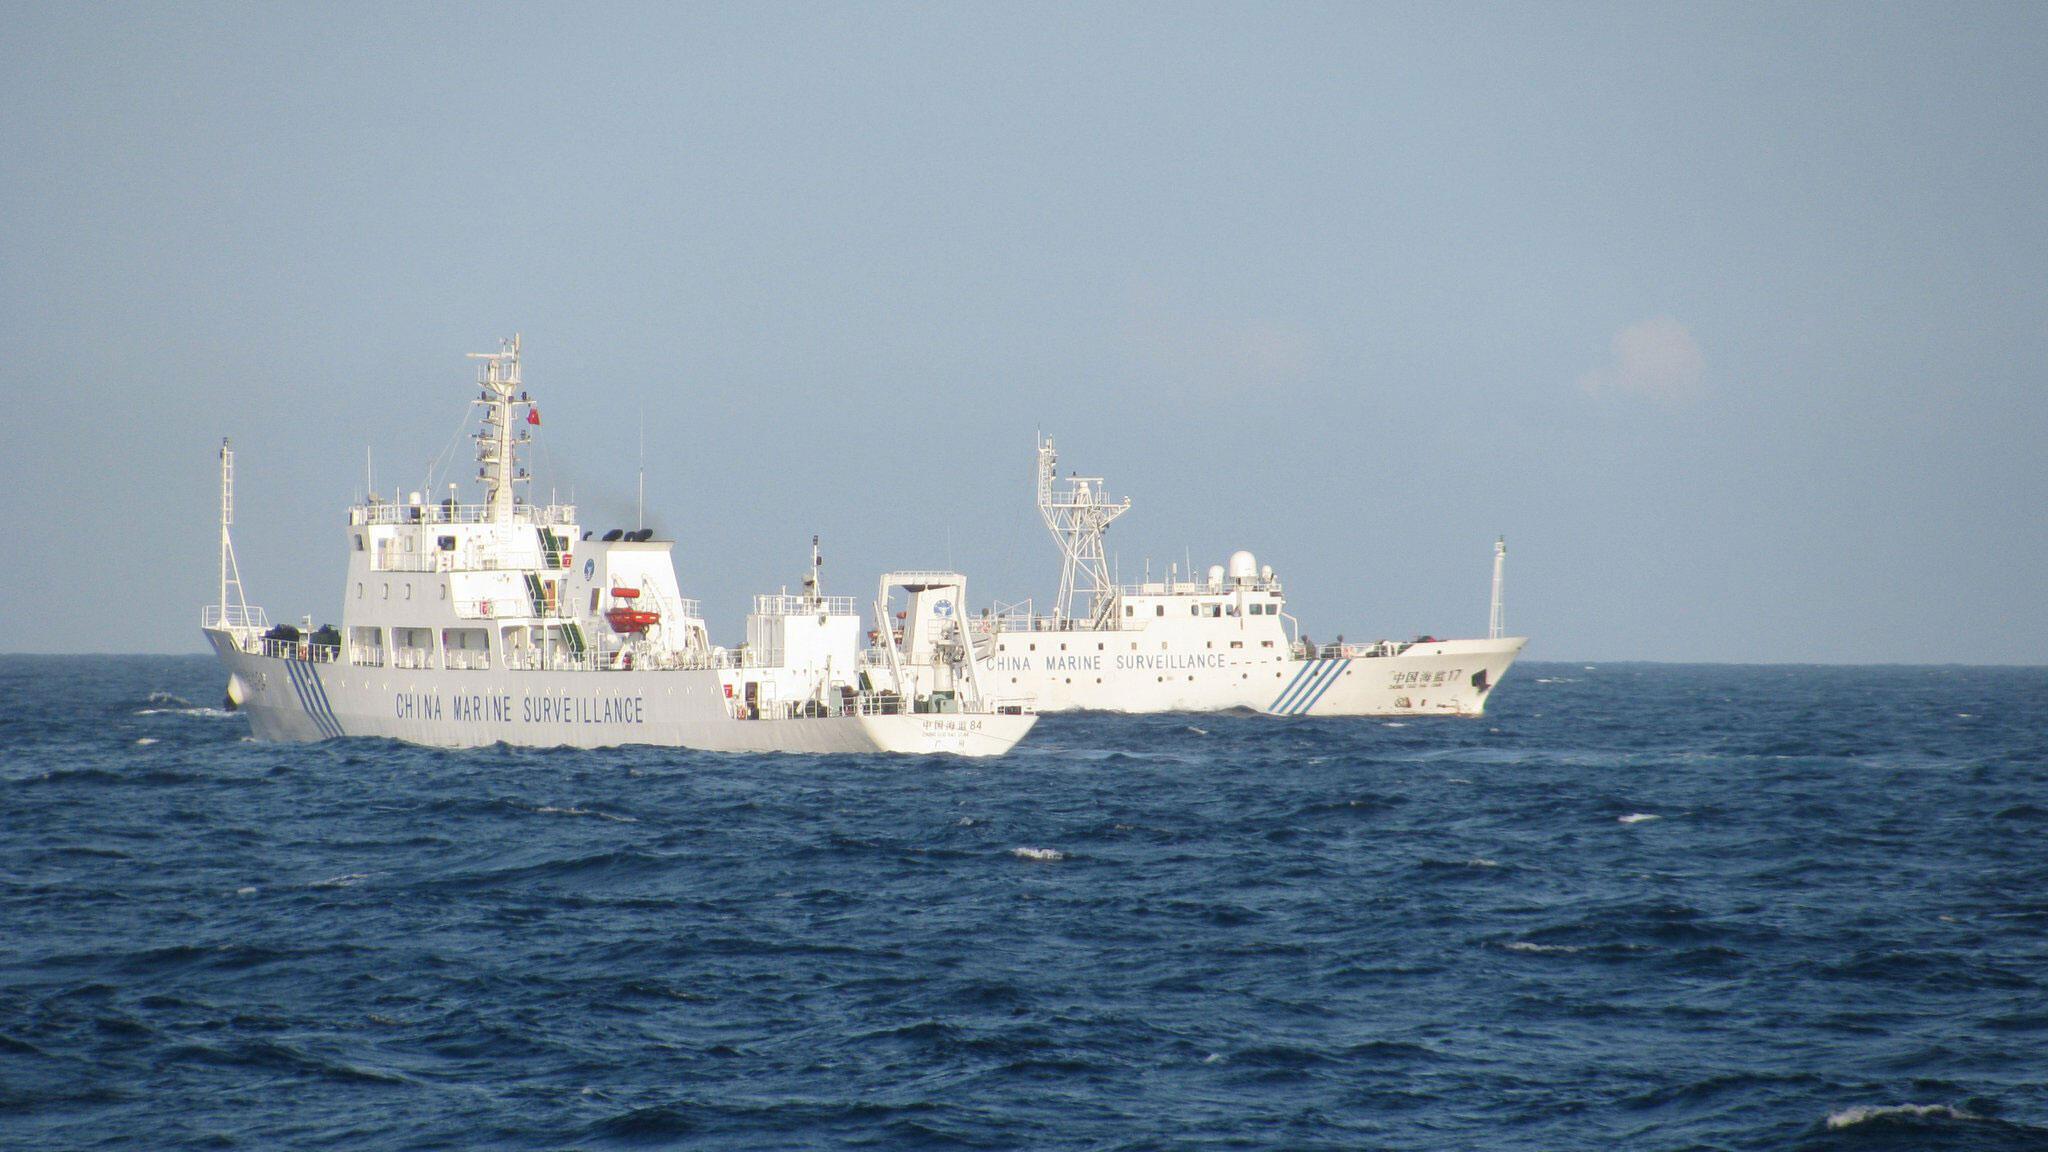 Tàu hải giám Trung Quốc số 84 và số 17 trên Biển Đông. Ảnh chụp ngày 26/05/2011 ngoài khơi tỉnh Phú Yên (miền Trung Việt Nam)